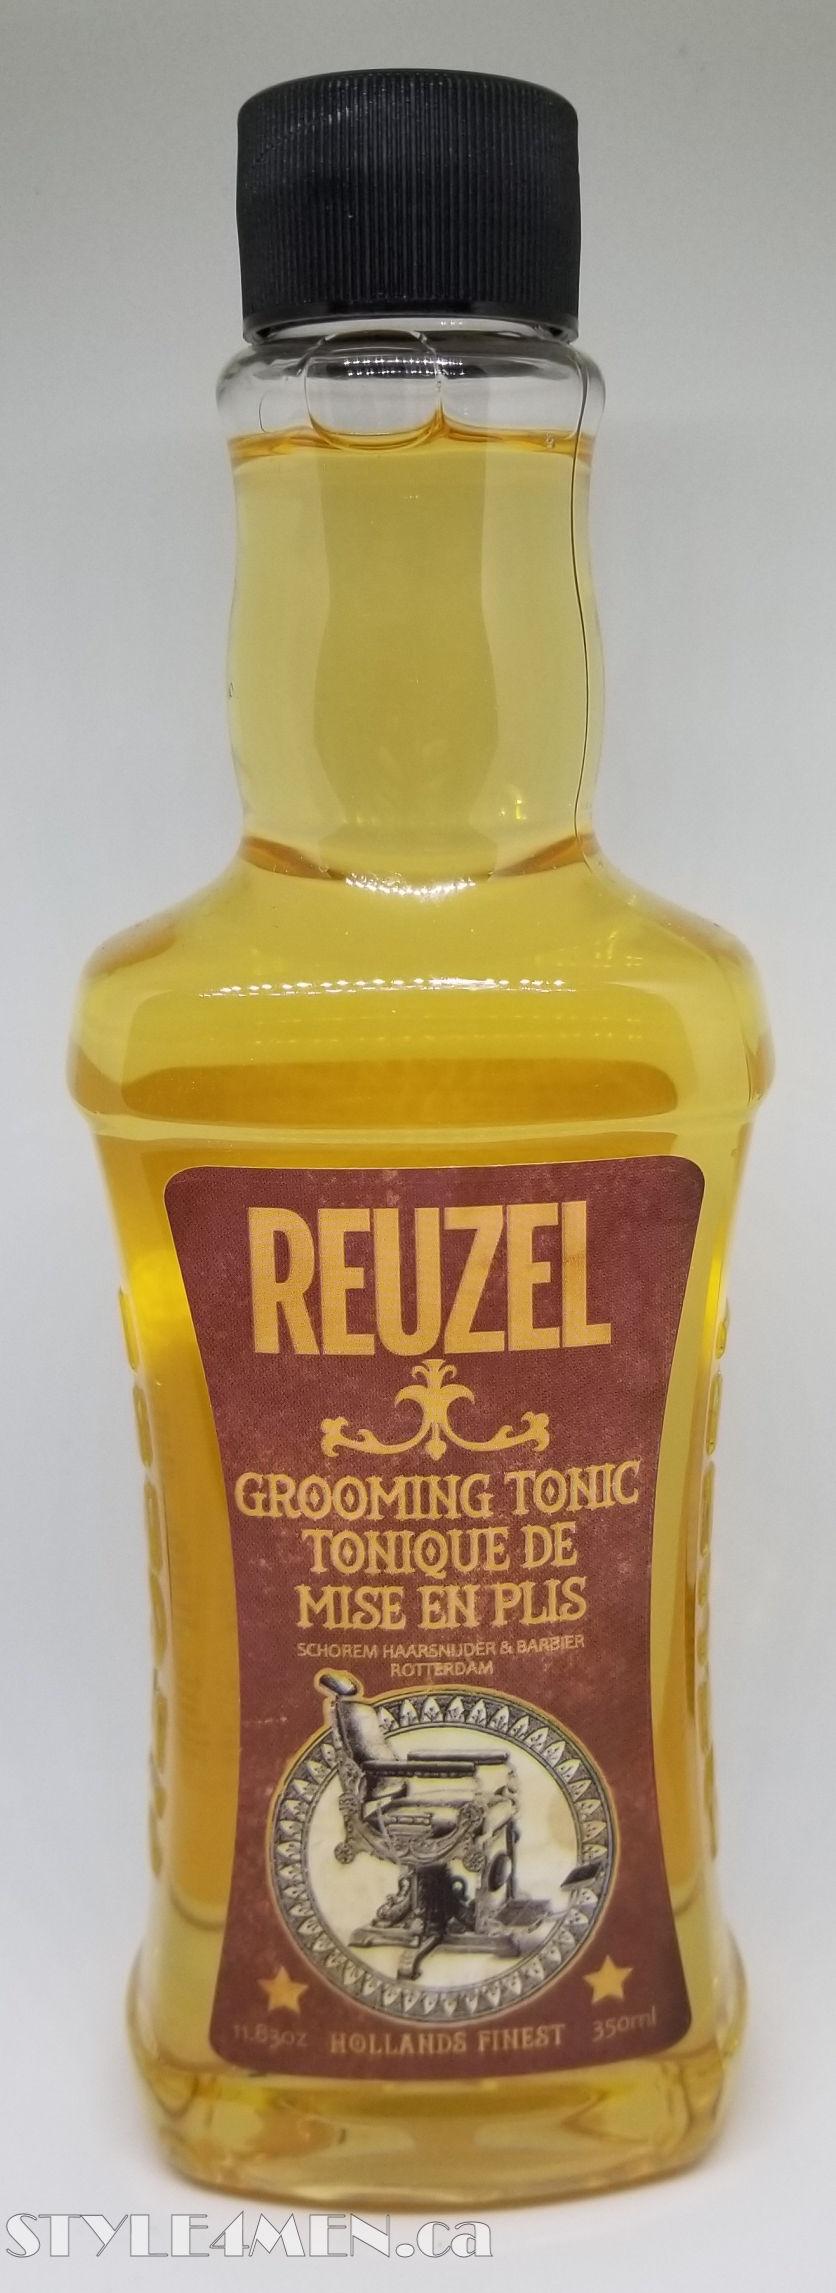 REUZEL Grooming Tonic – A Slightly Sticky Preparation Tonic